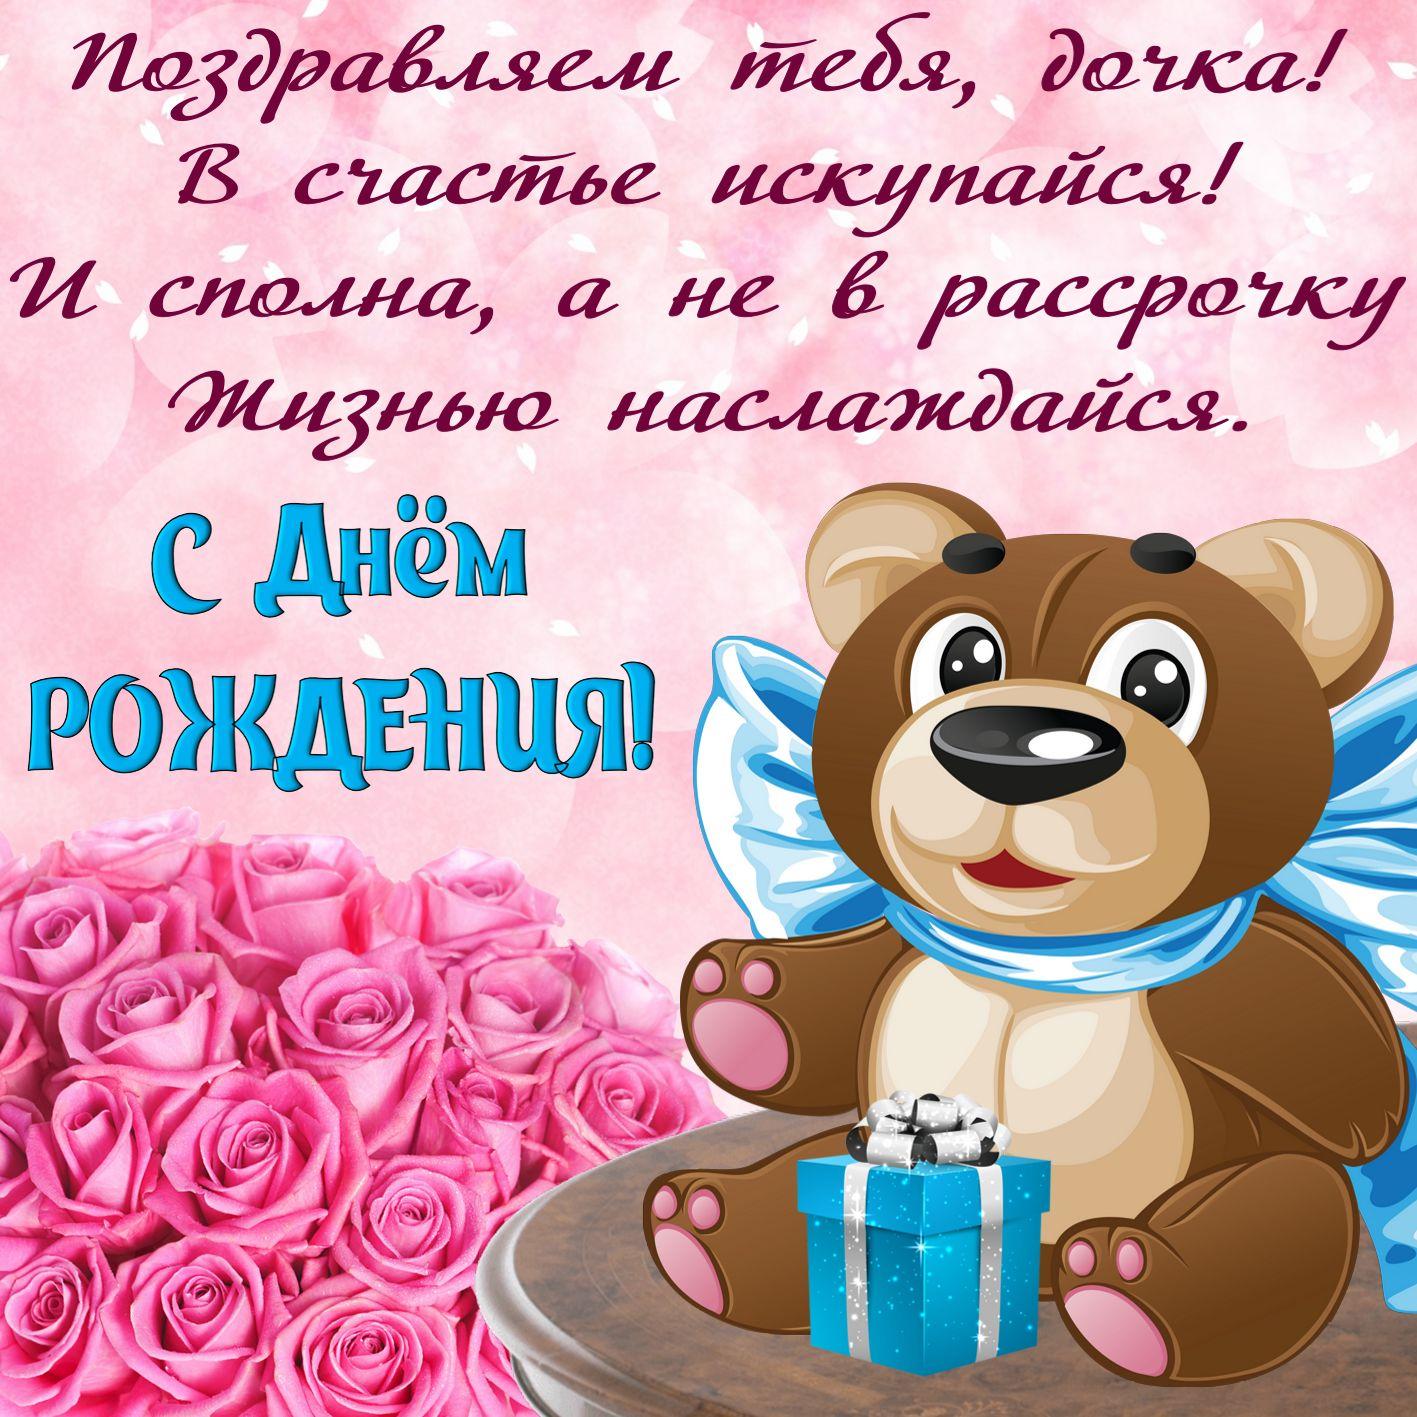 Август месяц, поздравление дочке на день рождения открытка